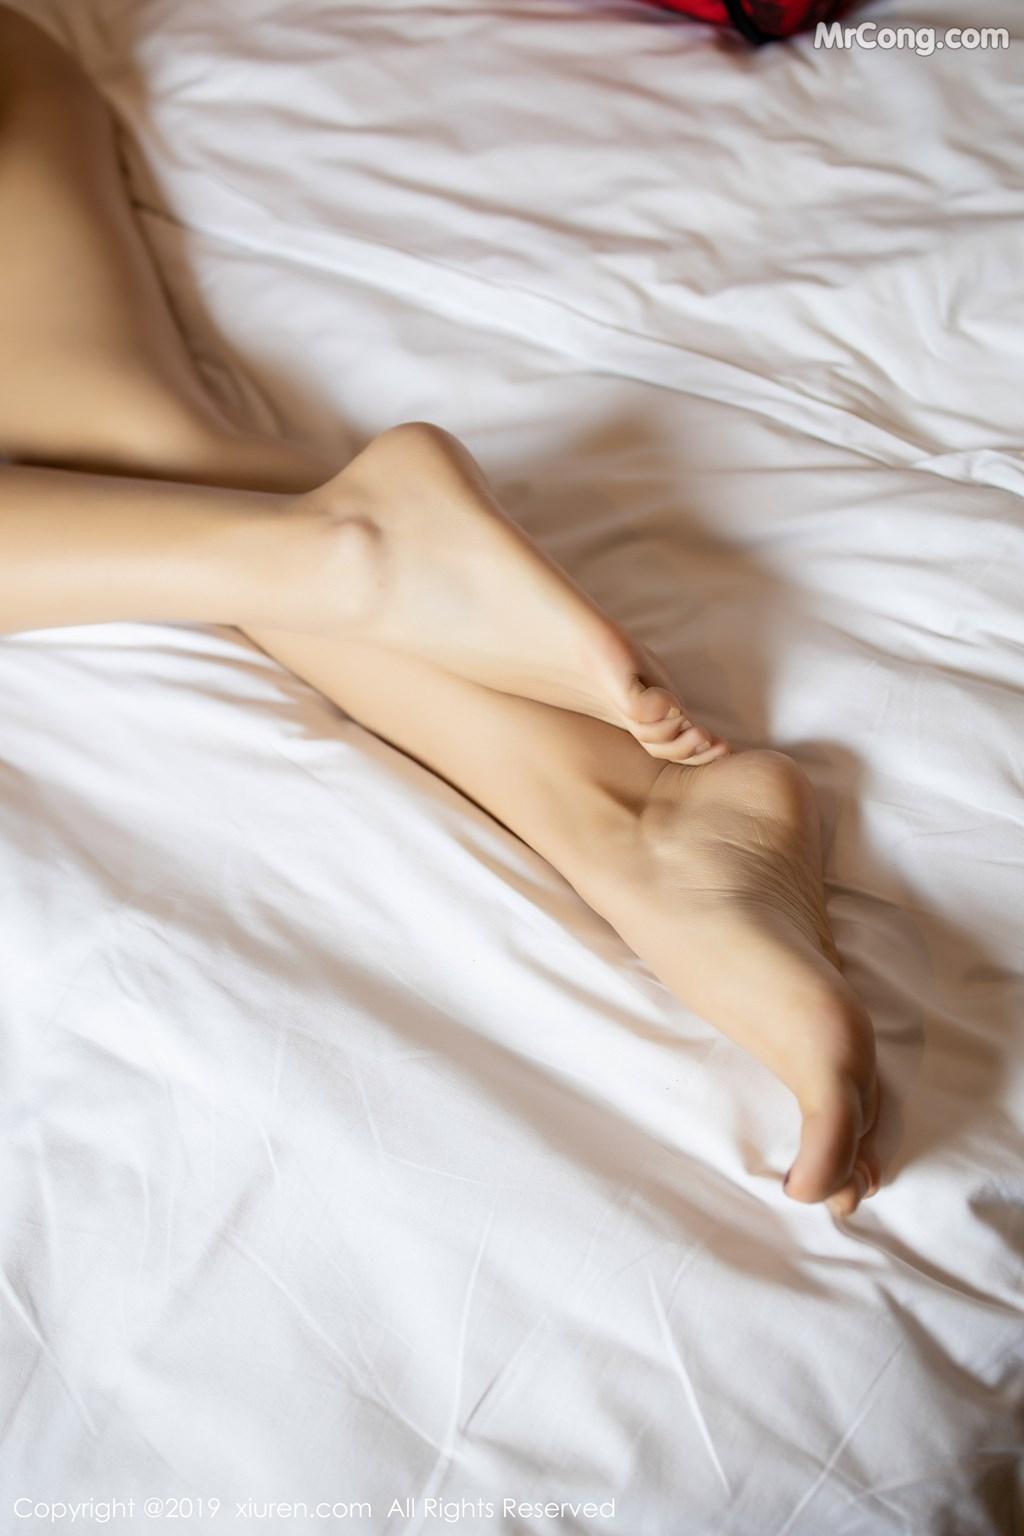 Image XIUREN-No.1800-BABY-MrCong.com-006 in post XIUREN No.1800: BABY_柒 (43 ảnh)